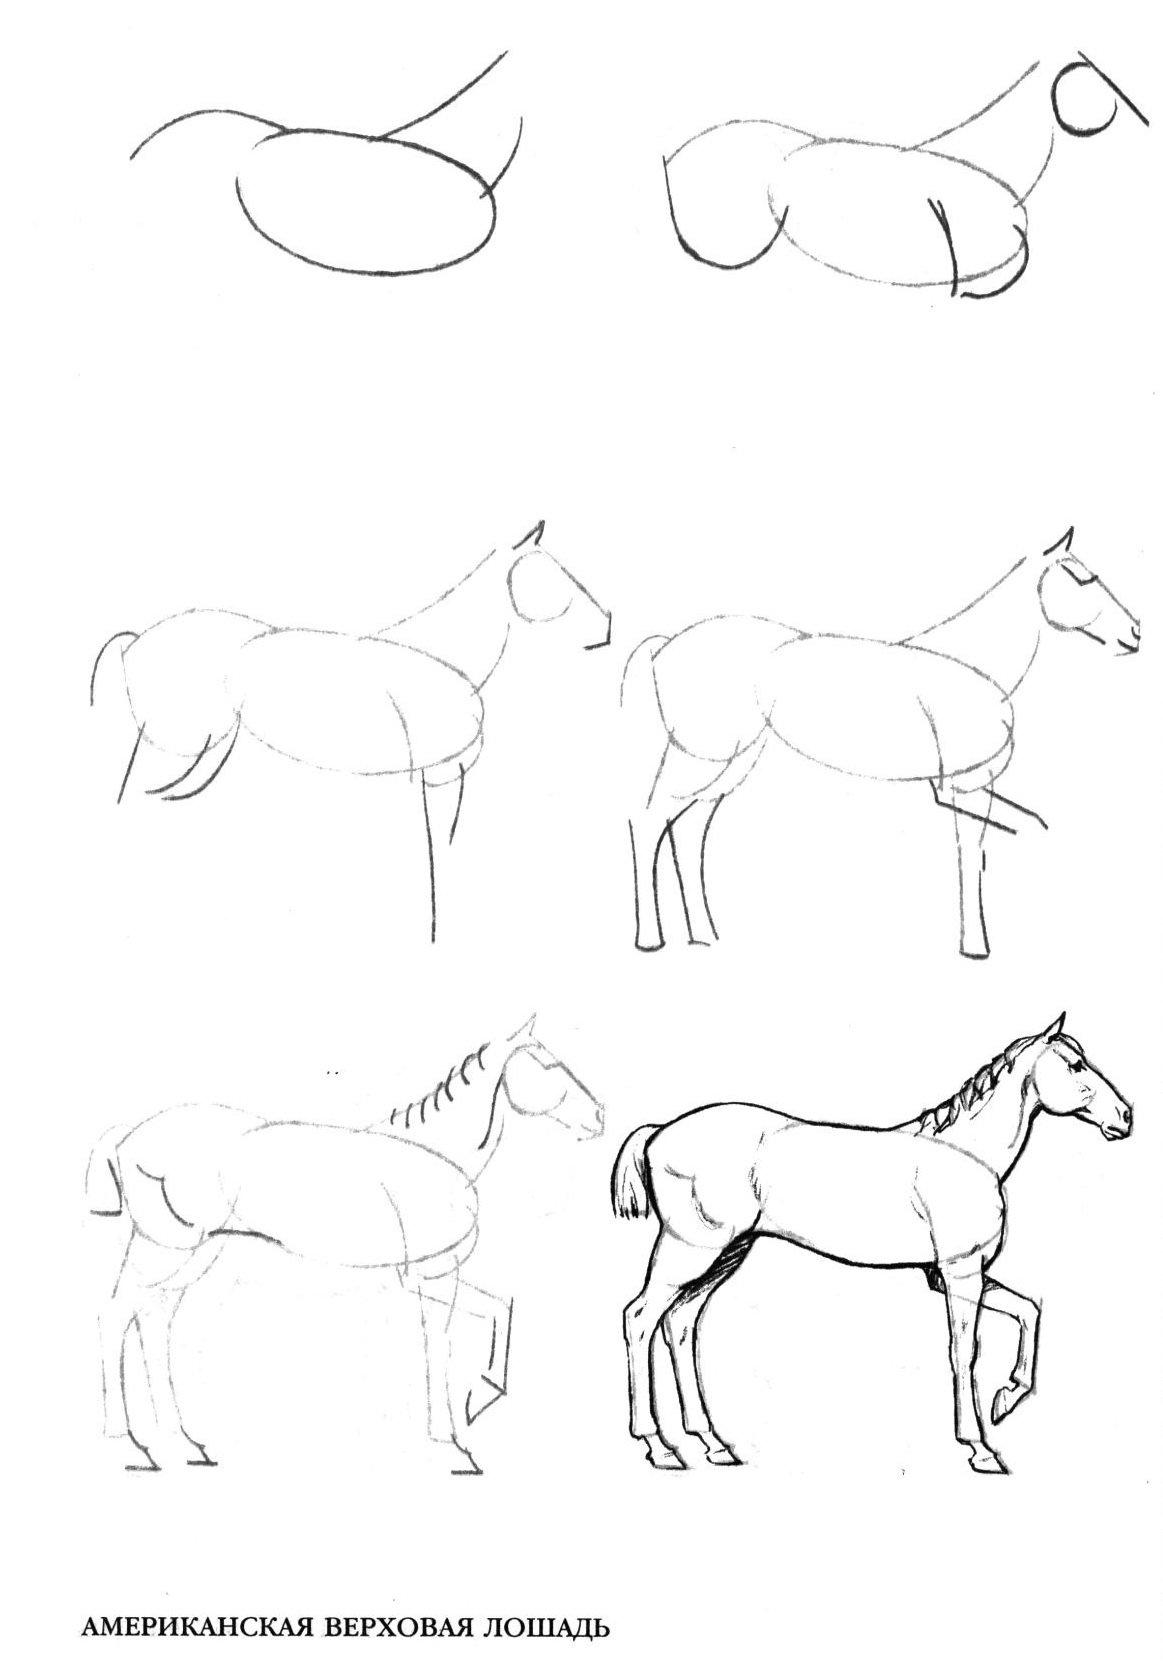 Красивые картинки рисунки карандашом для начинающих поэтапно, бассейне картинки надписями